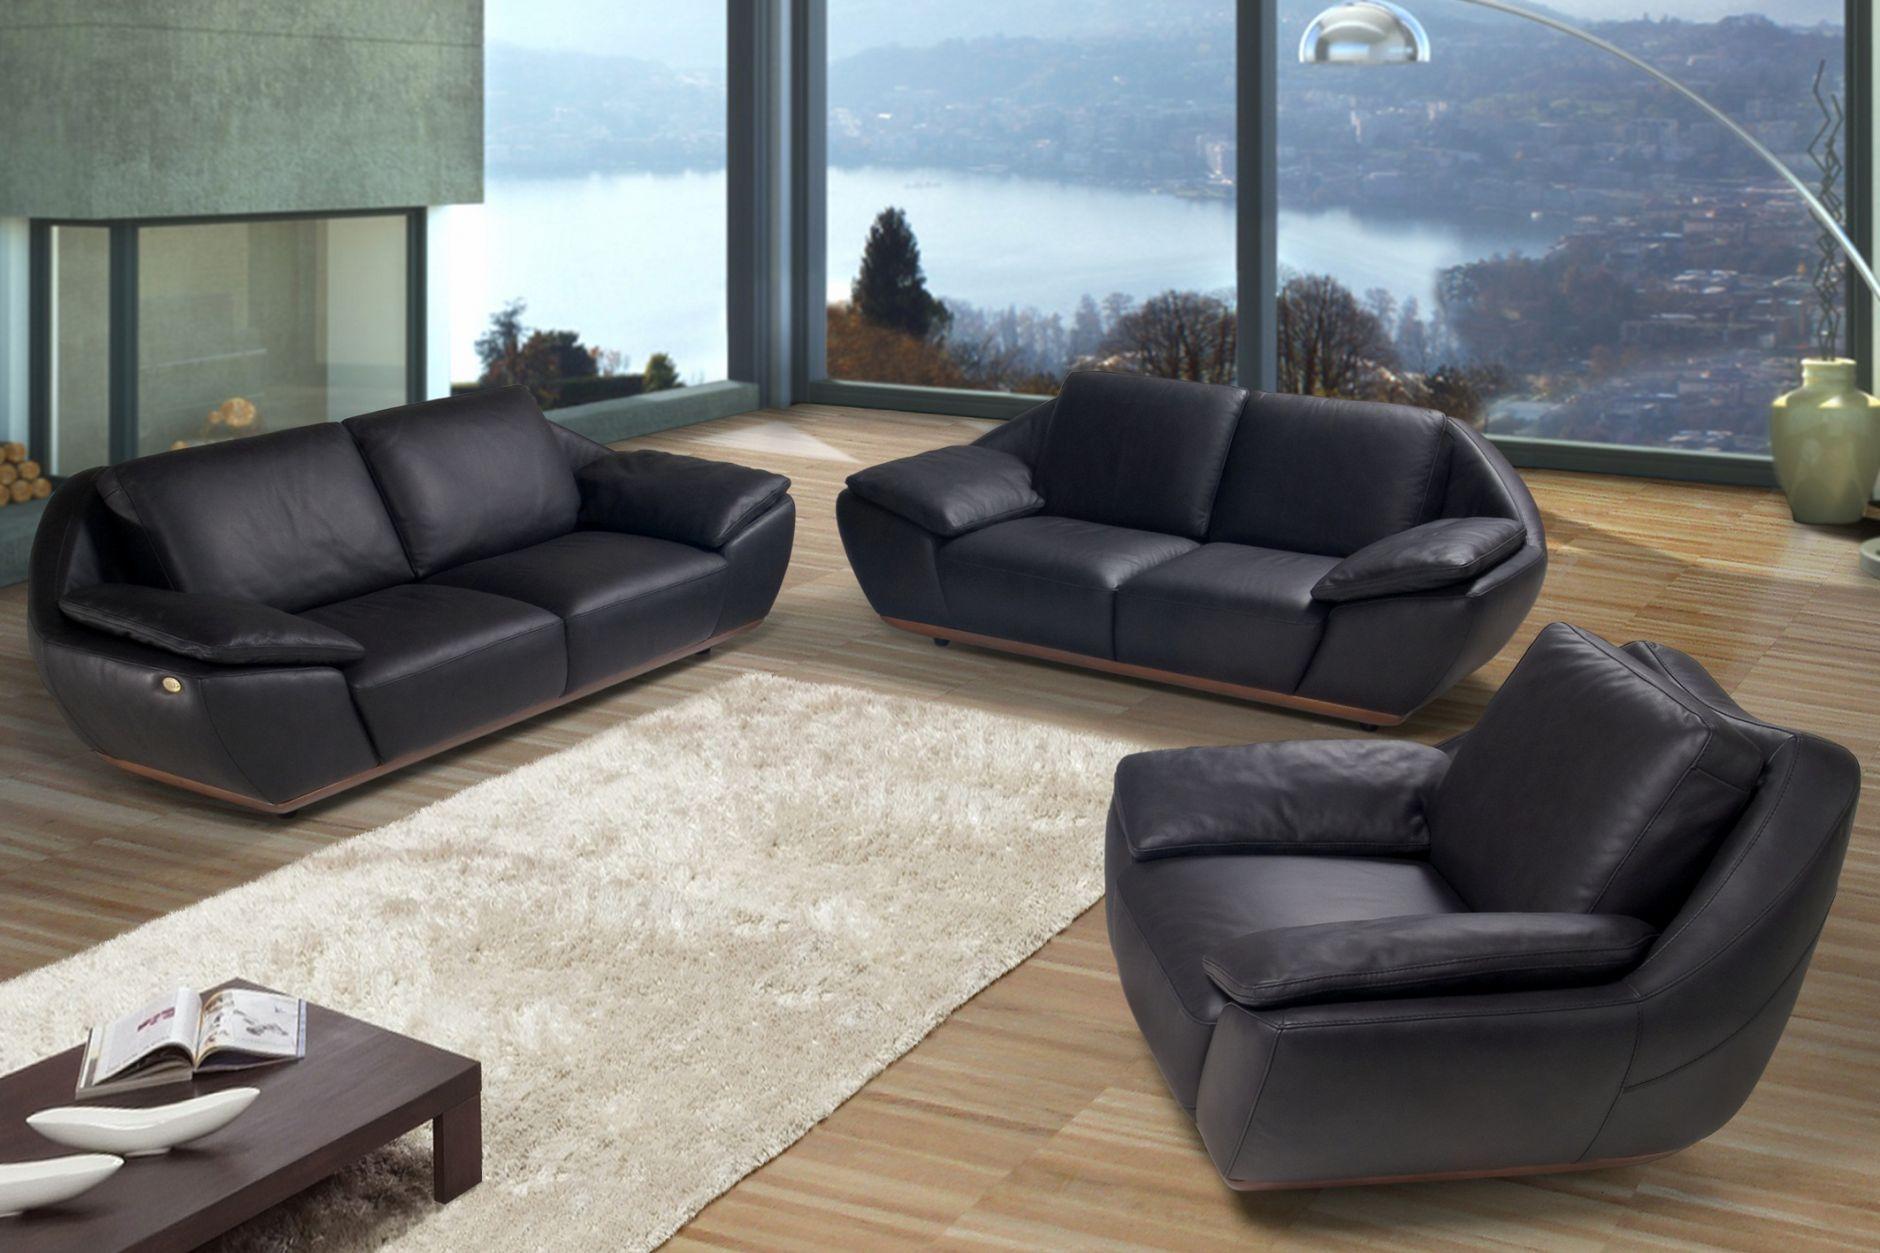 Modèlede Canapés : Canapés de vip modèle bold nrles meubles